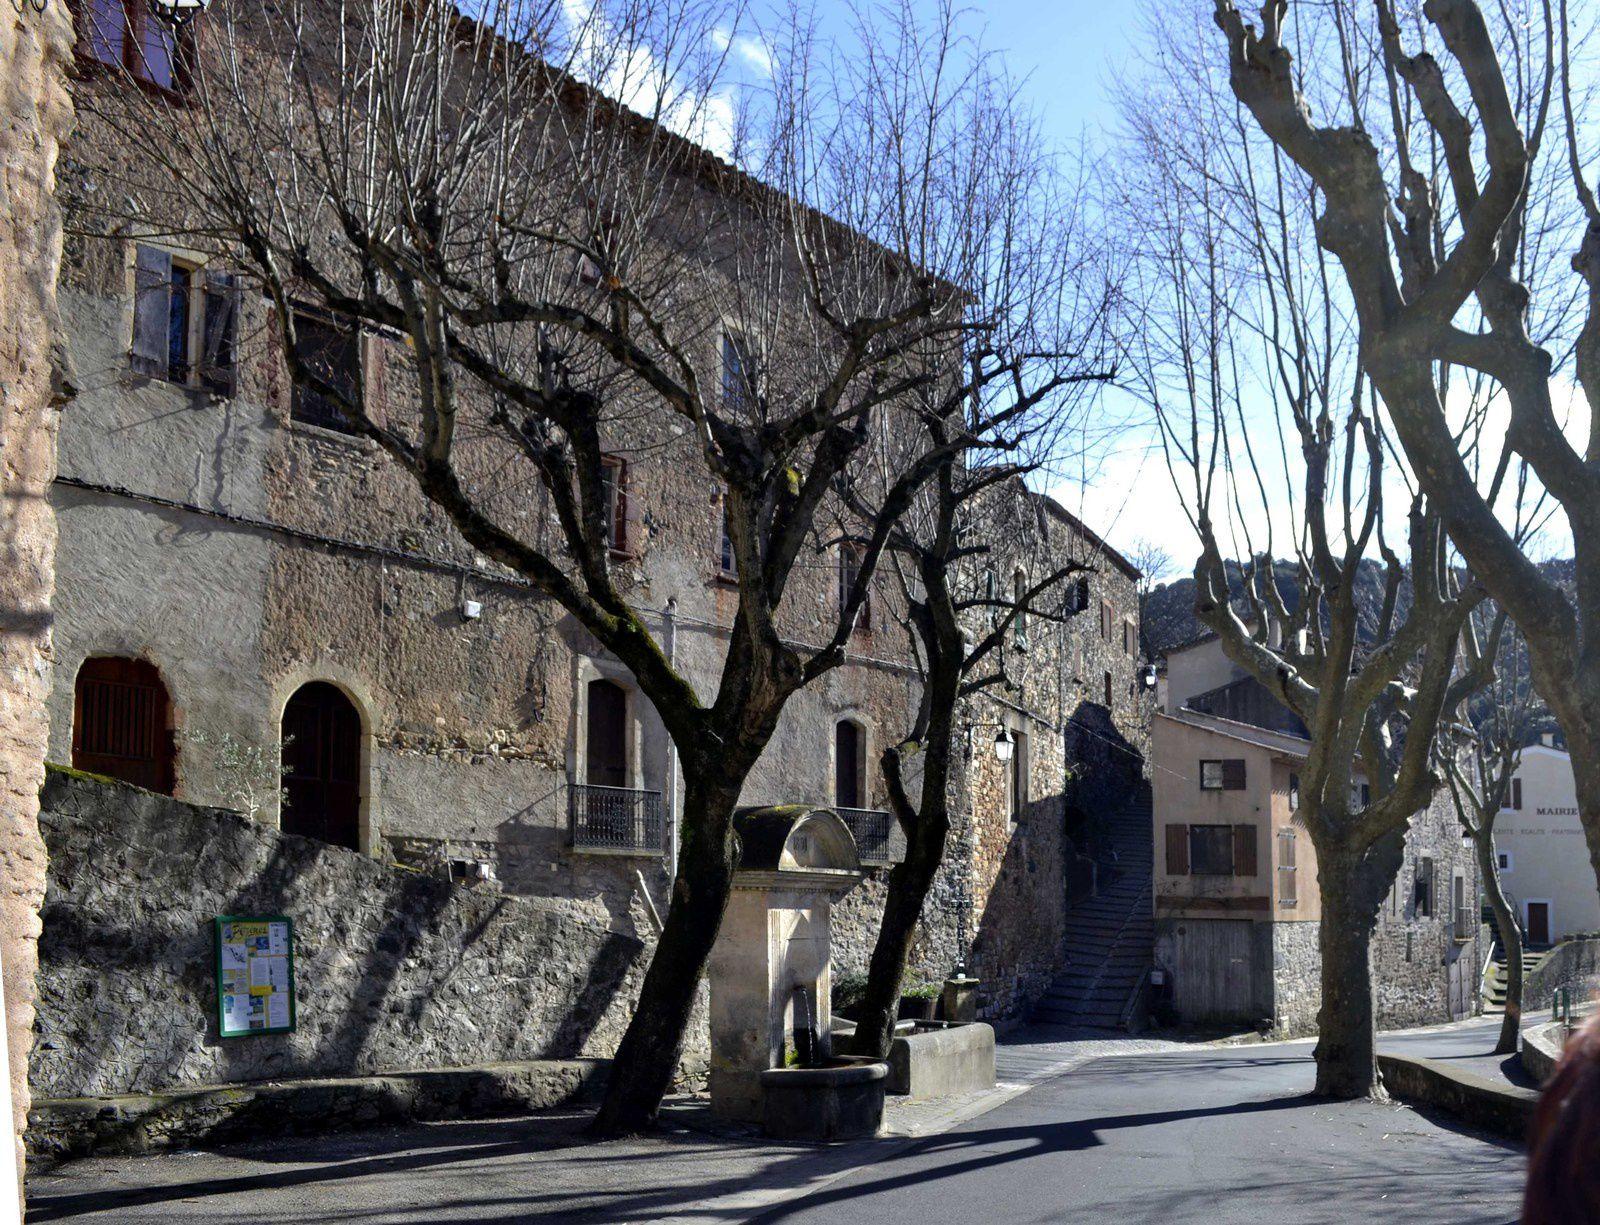 Ce dimanche 02 février 2014, nous étions une dizaine de Canetois à nous rendre dans le village de Pézènes-les-Mines que peu connaissent. Beau temps prévu pour une petite boucle de moins de 2h de marche. Le départ a lieu  au pied de l'église où nous laissons les voitures.